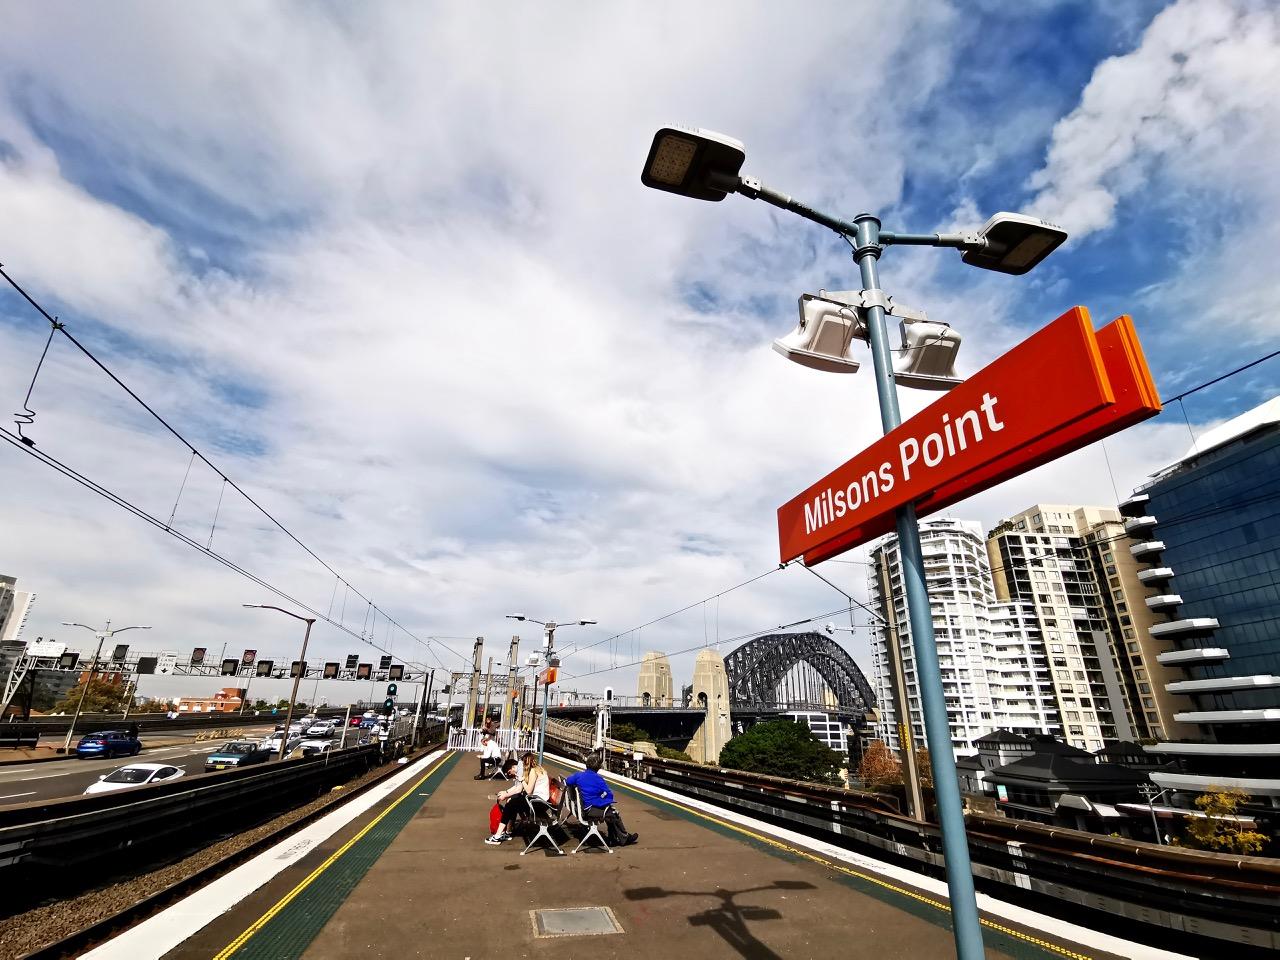 想要躲避北半球酷热的夏天,这时候来悉尼准没错 酷热难耐,别骗我,哭笑不得,想要,躲避 第6张图片